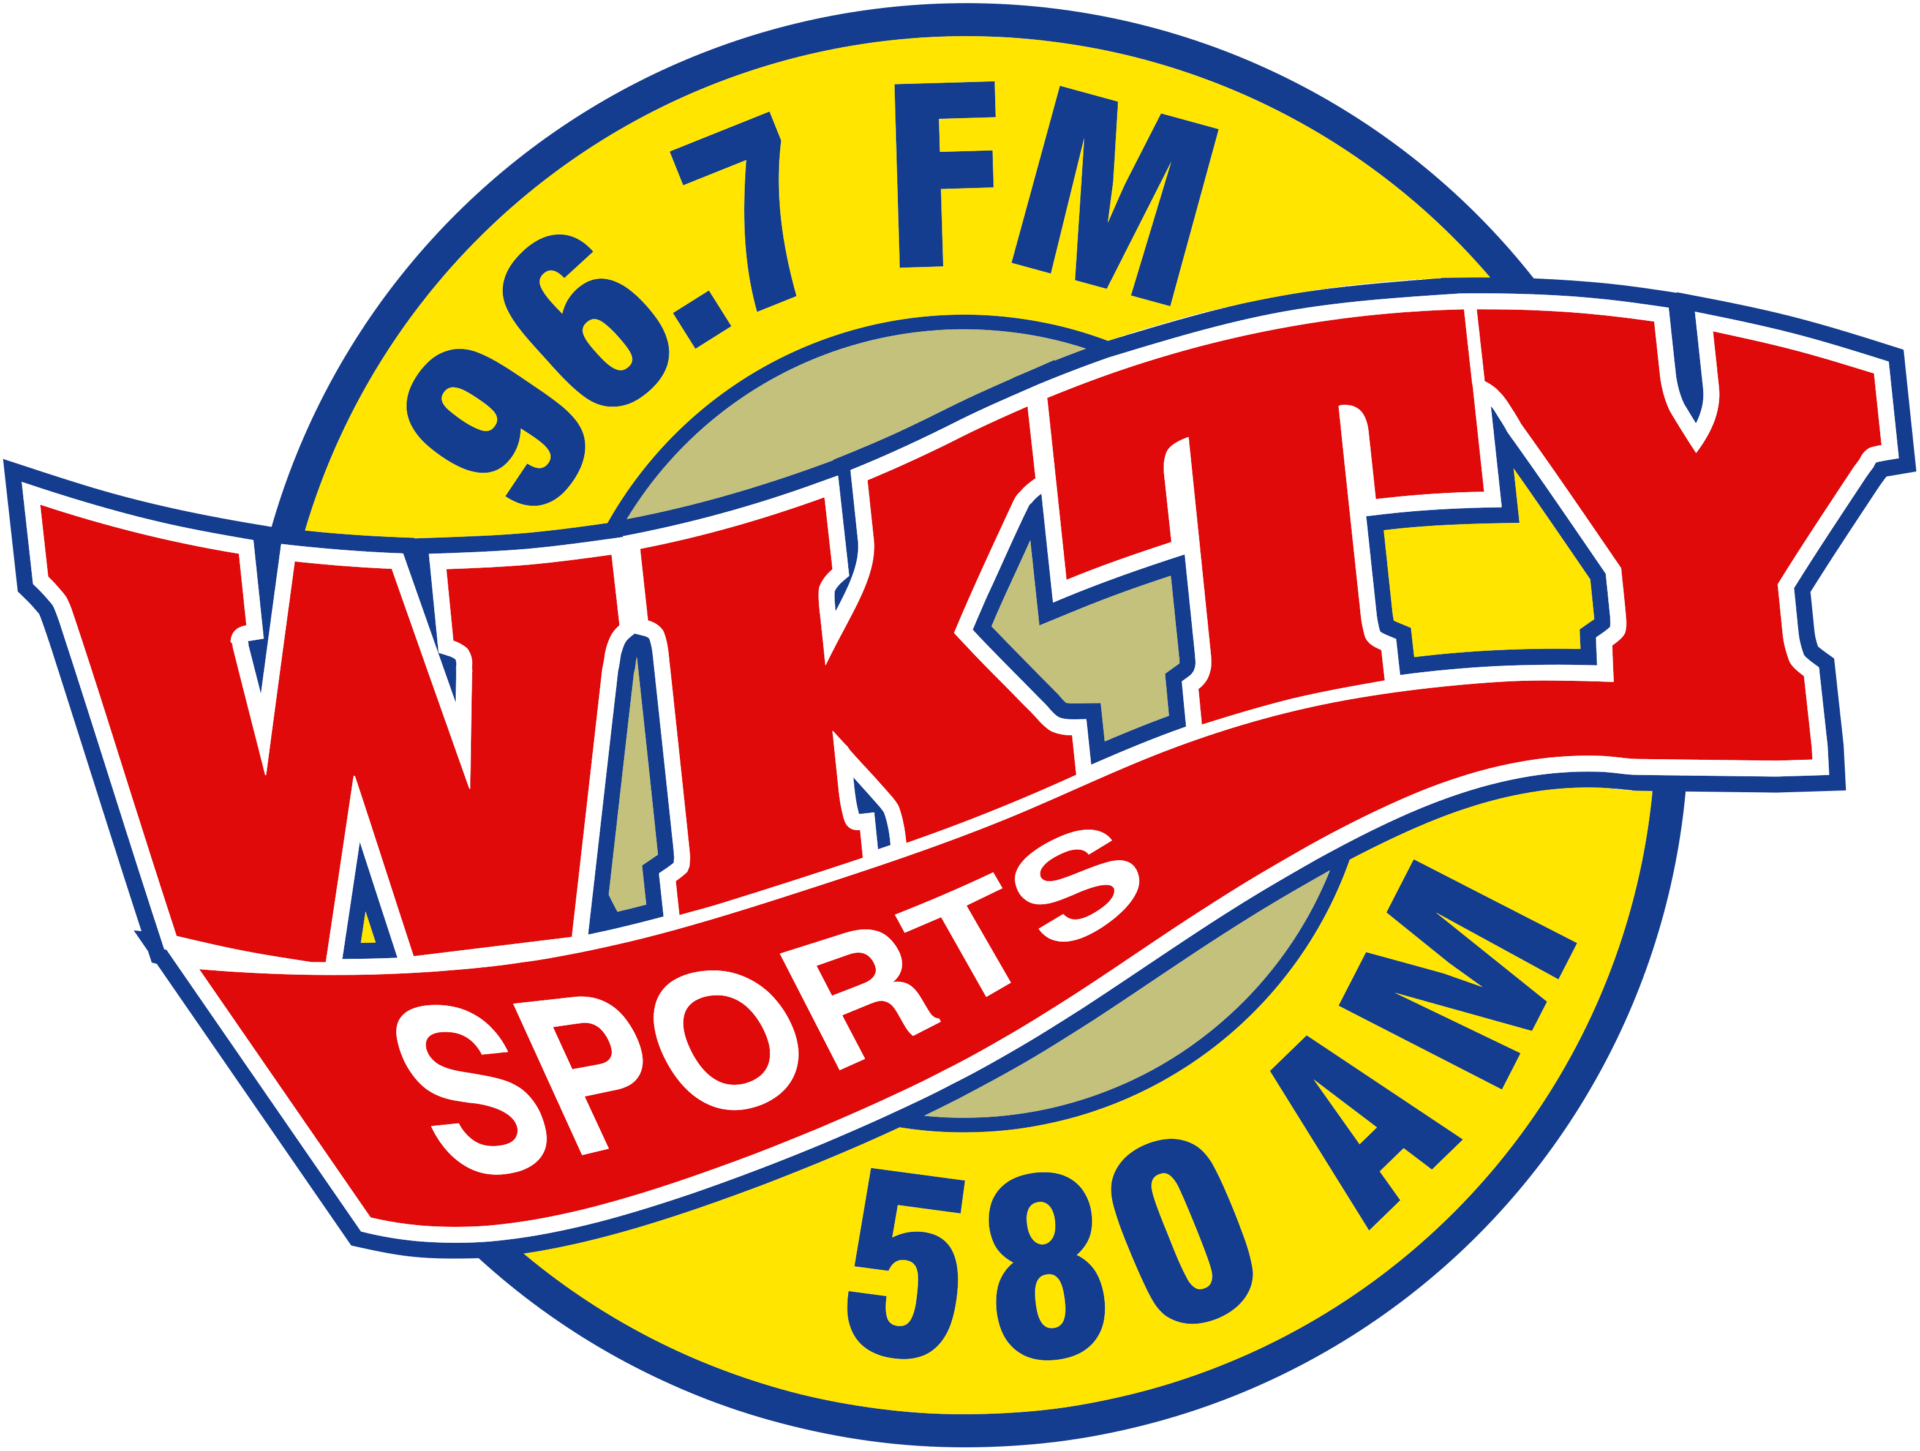 96.7 WKTY logo